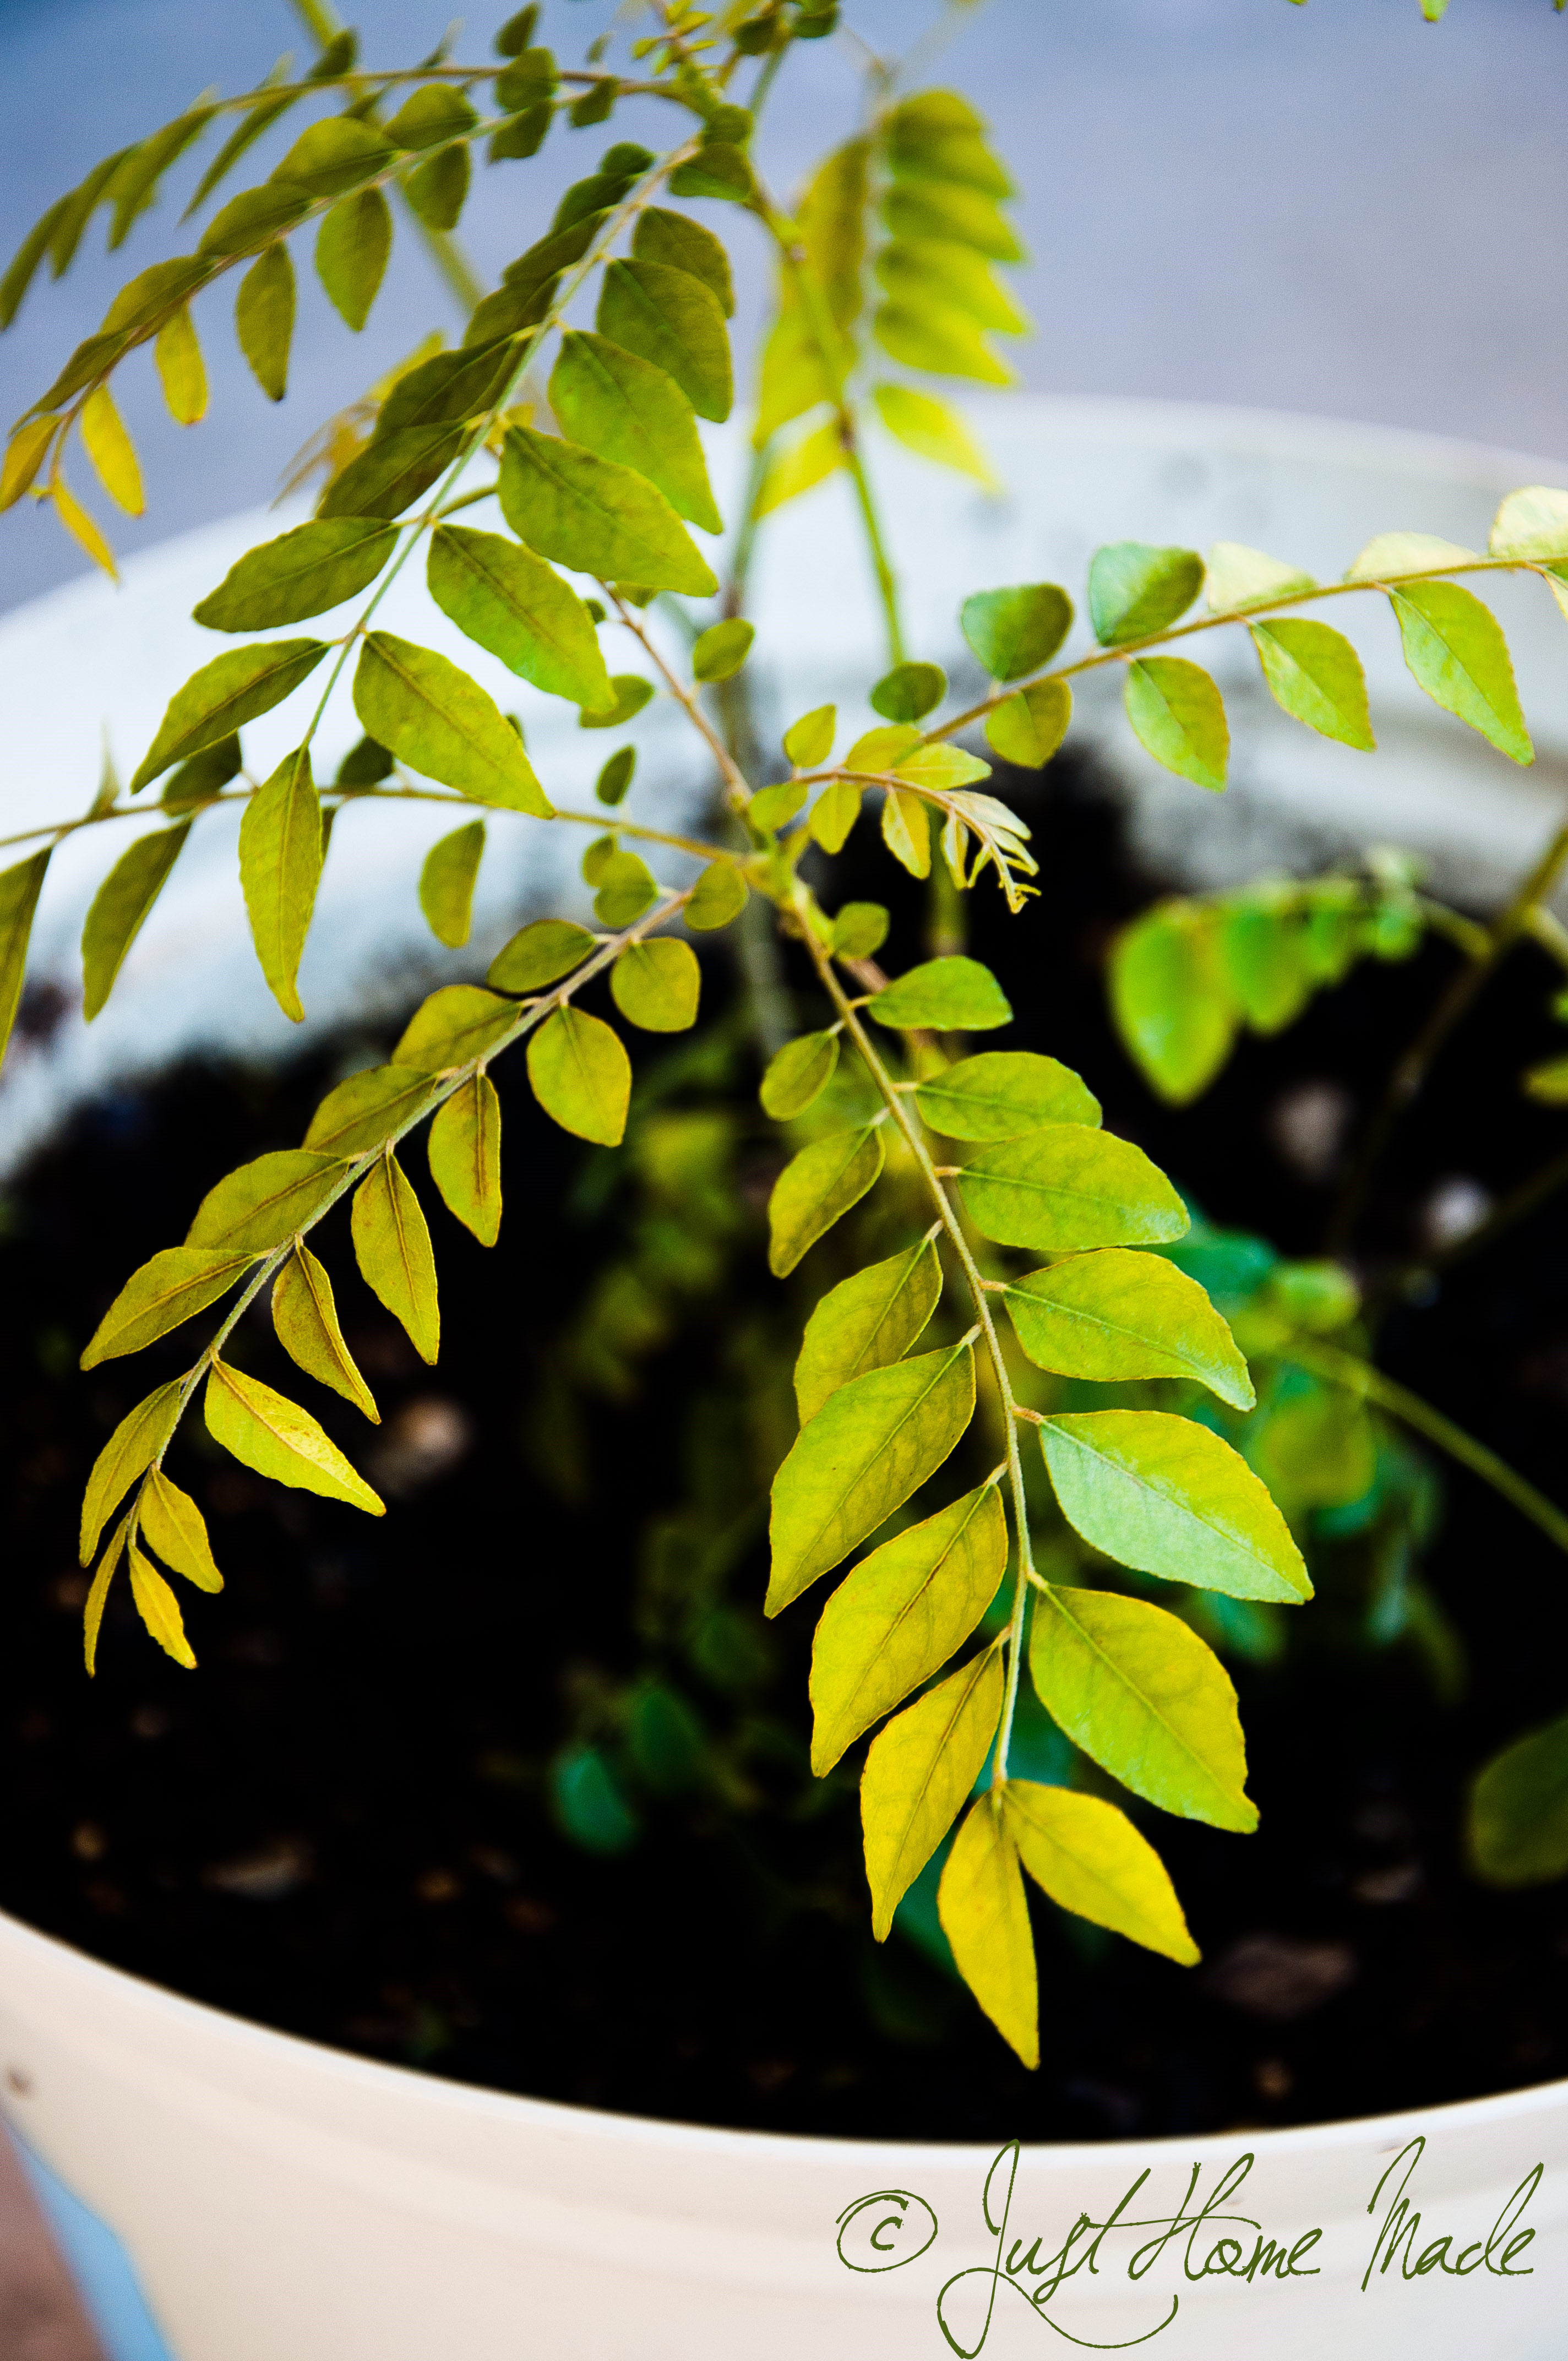 Curry Leaf Closeup